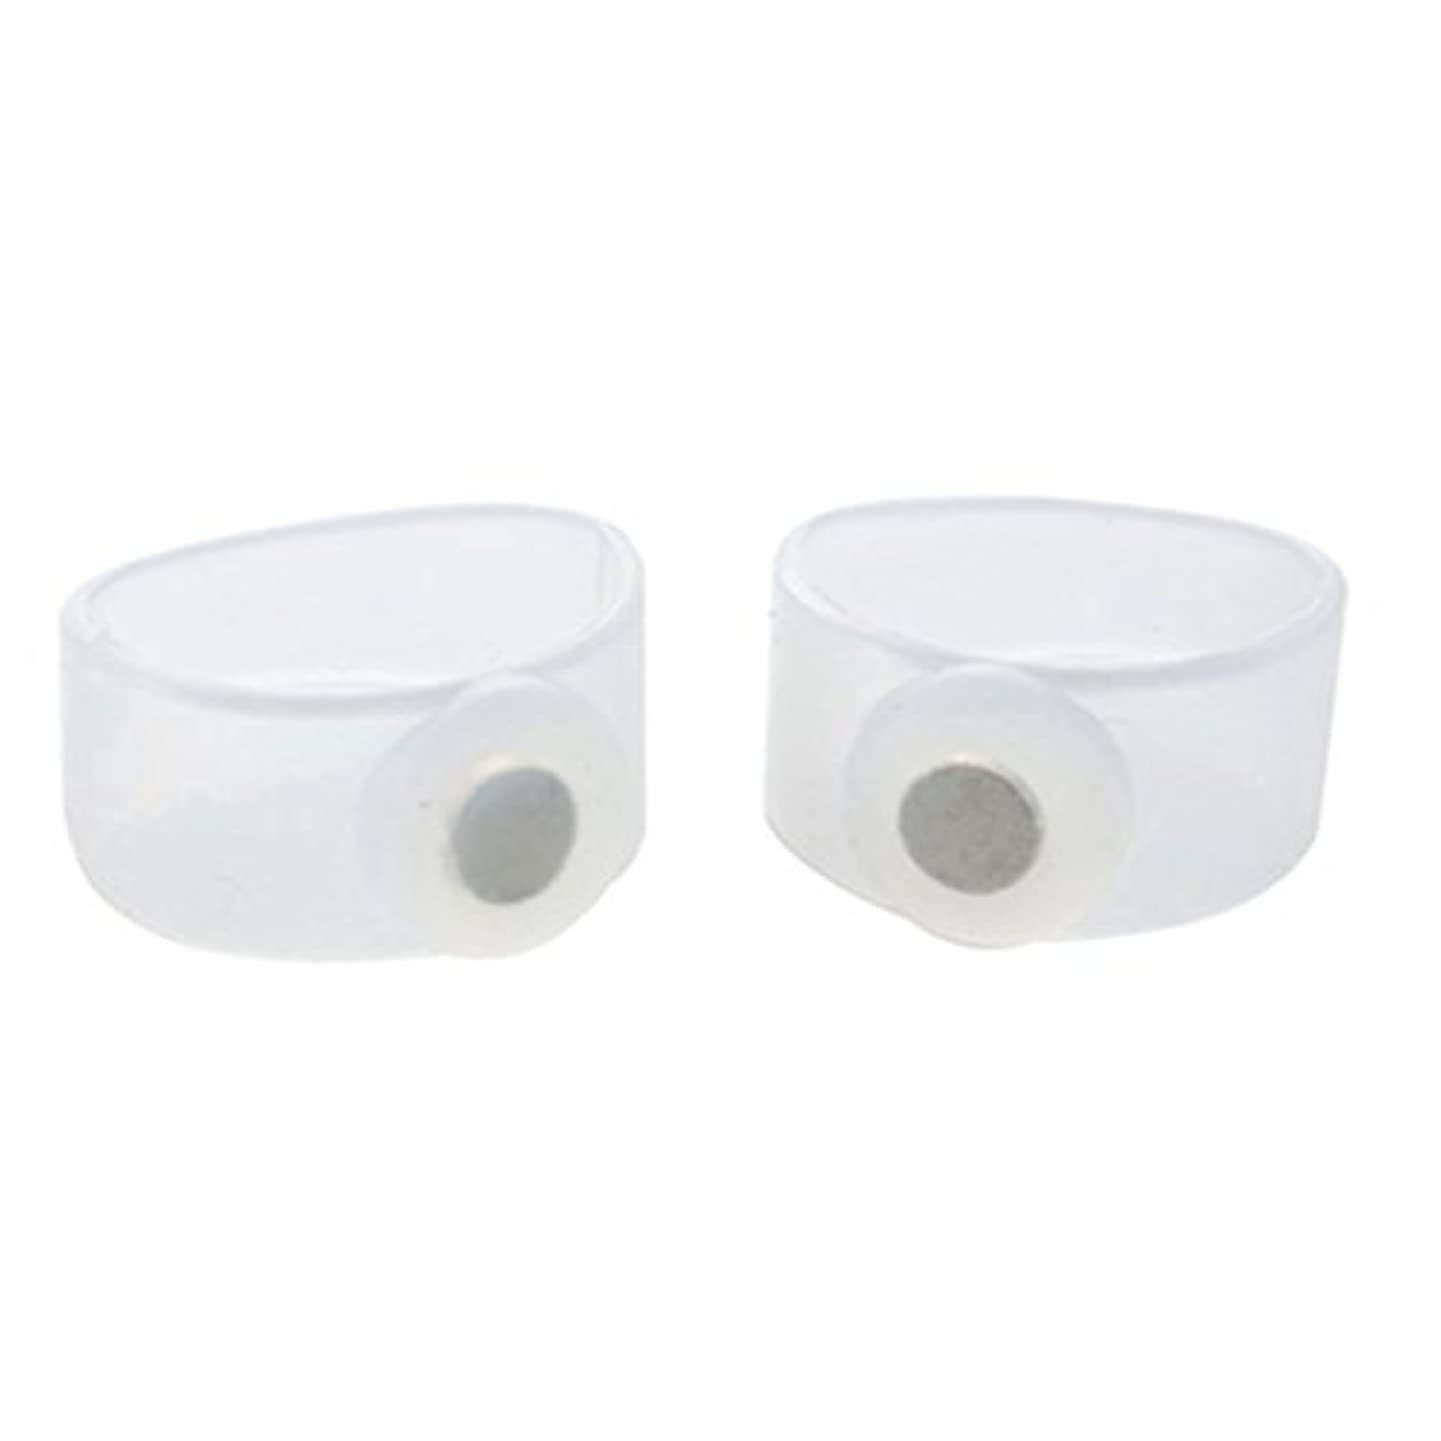 冷ややかな手を差し伸べる驚2ピース痩身シリコン磁気フットマッサージャーマッサージリラックスつま先リング用減量ヘルスケアツール美容製品 - 透明